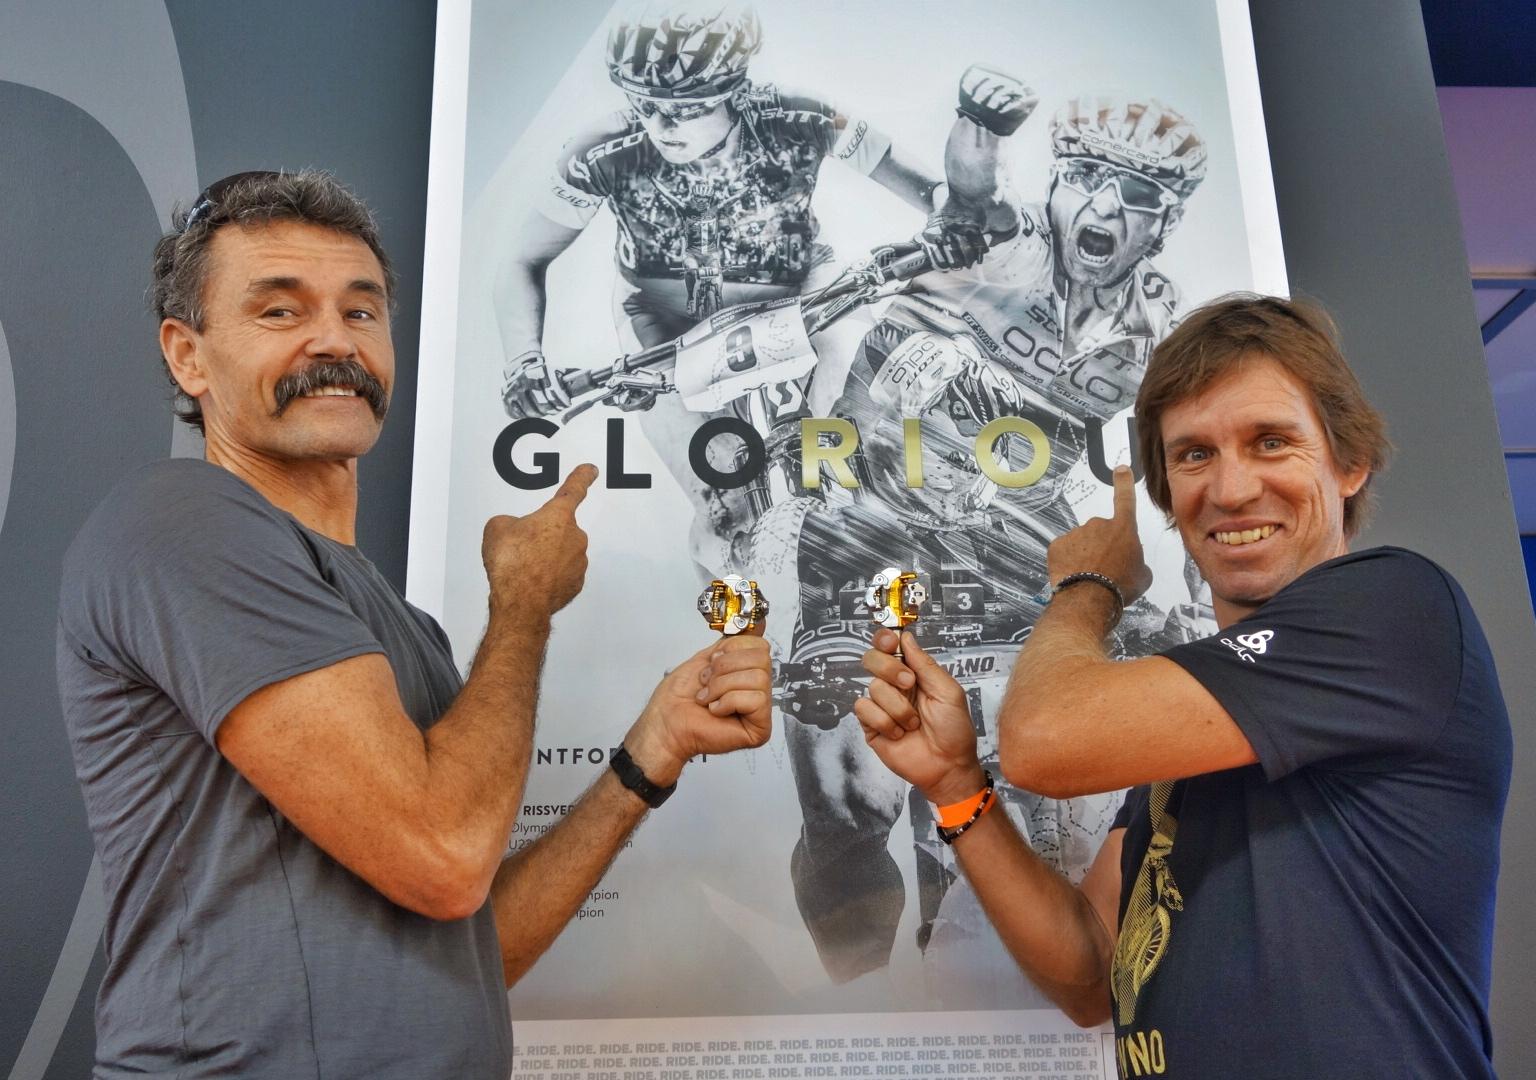 Wenn man zwei Olympiasieger mit Material unterstützt, hat man leicht lachen. Tom Ritchey und Thomas Frischknecht dürfen sich freuen.